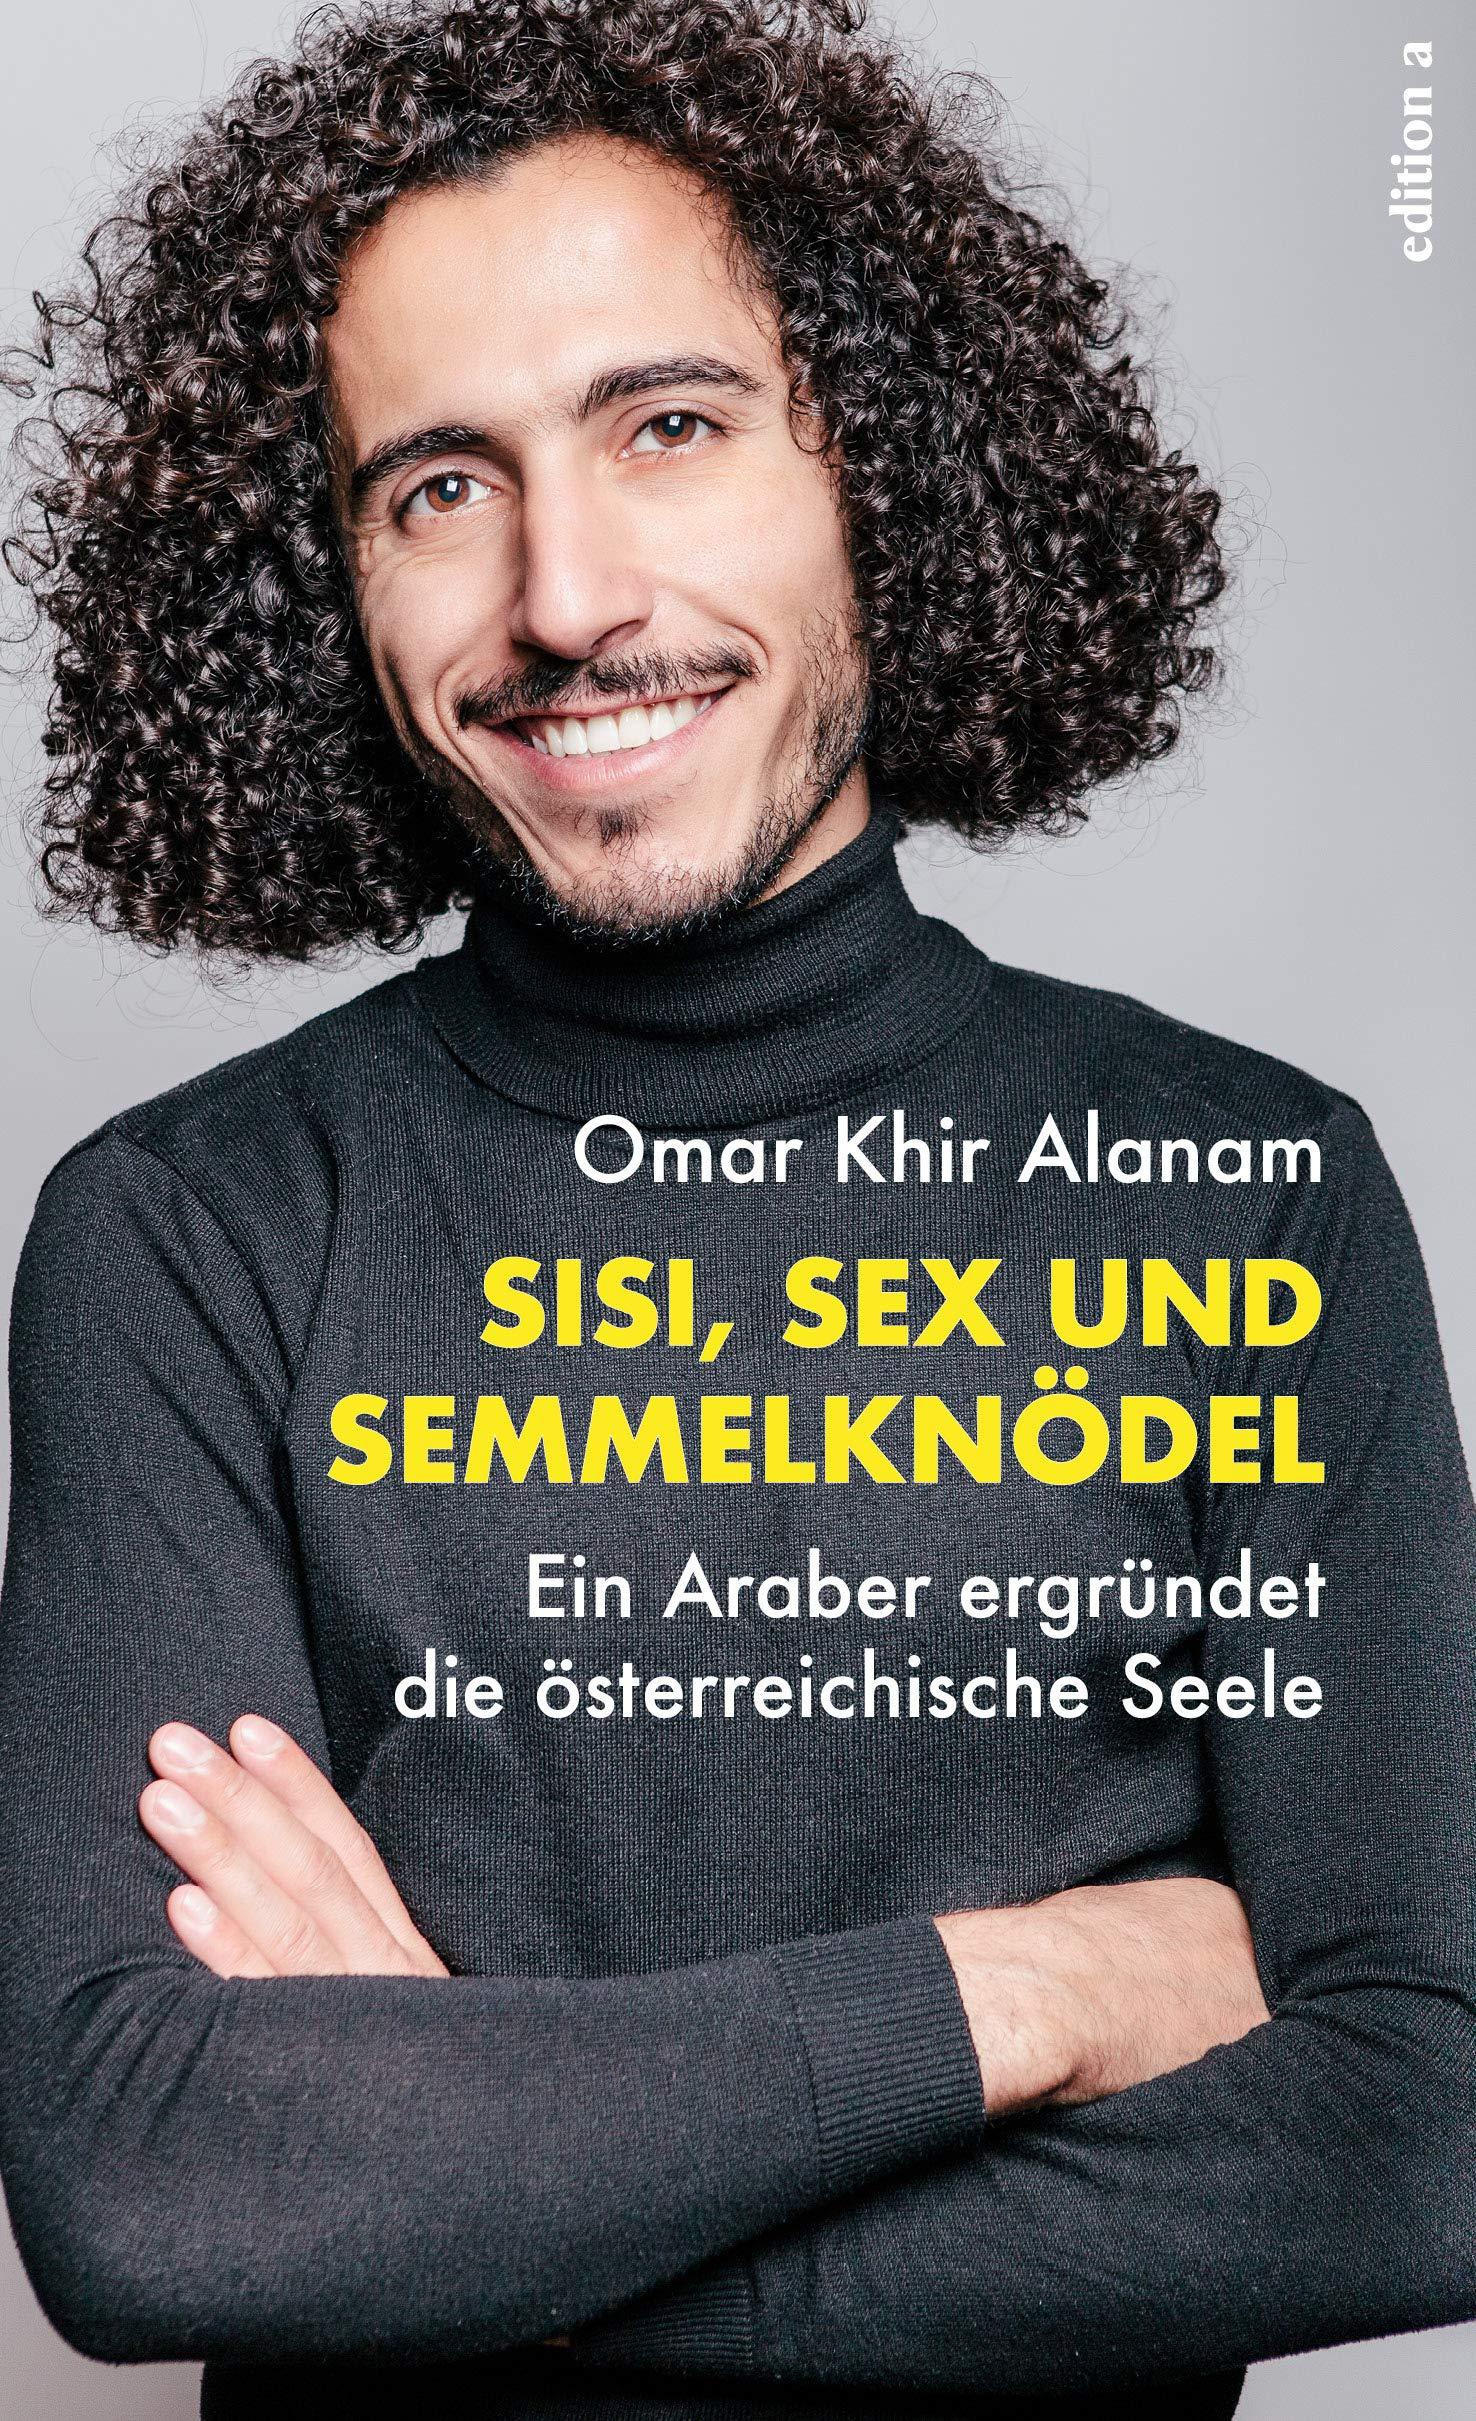 Sisi, Sex und Semmelknödel - Ein Araber ergründet die österreichische Seele